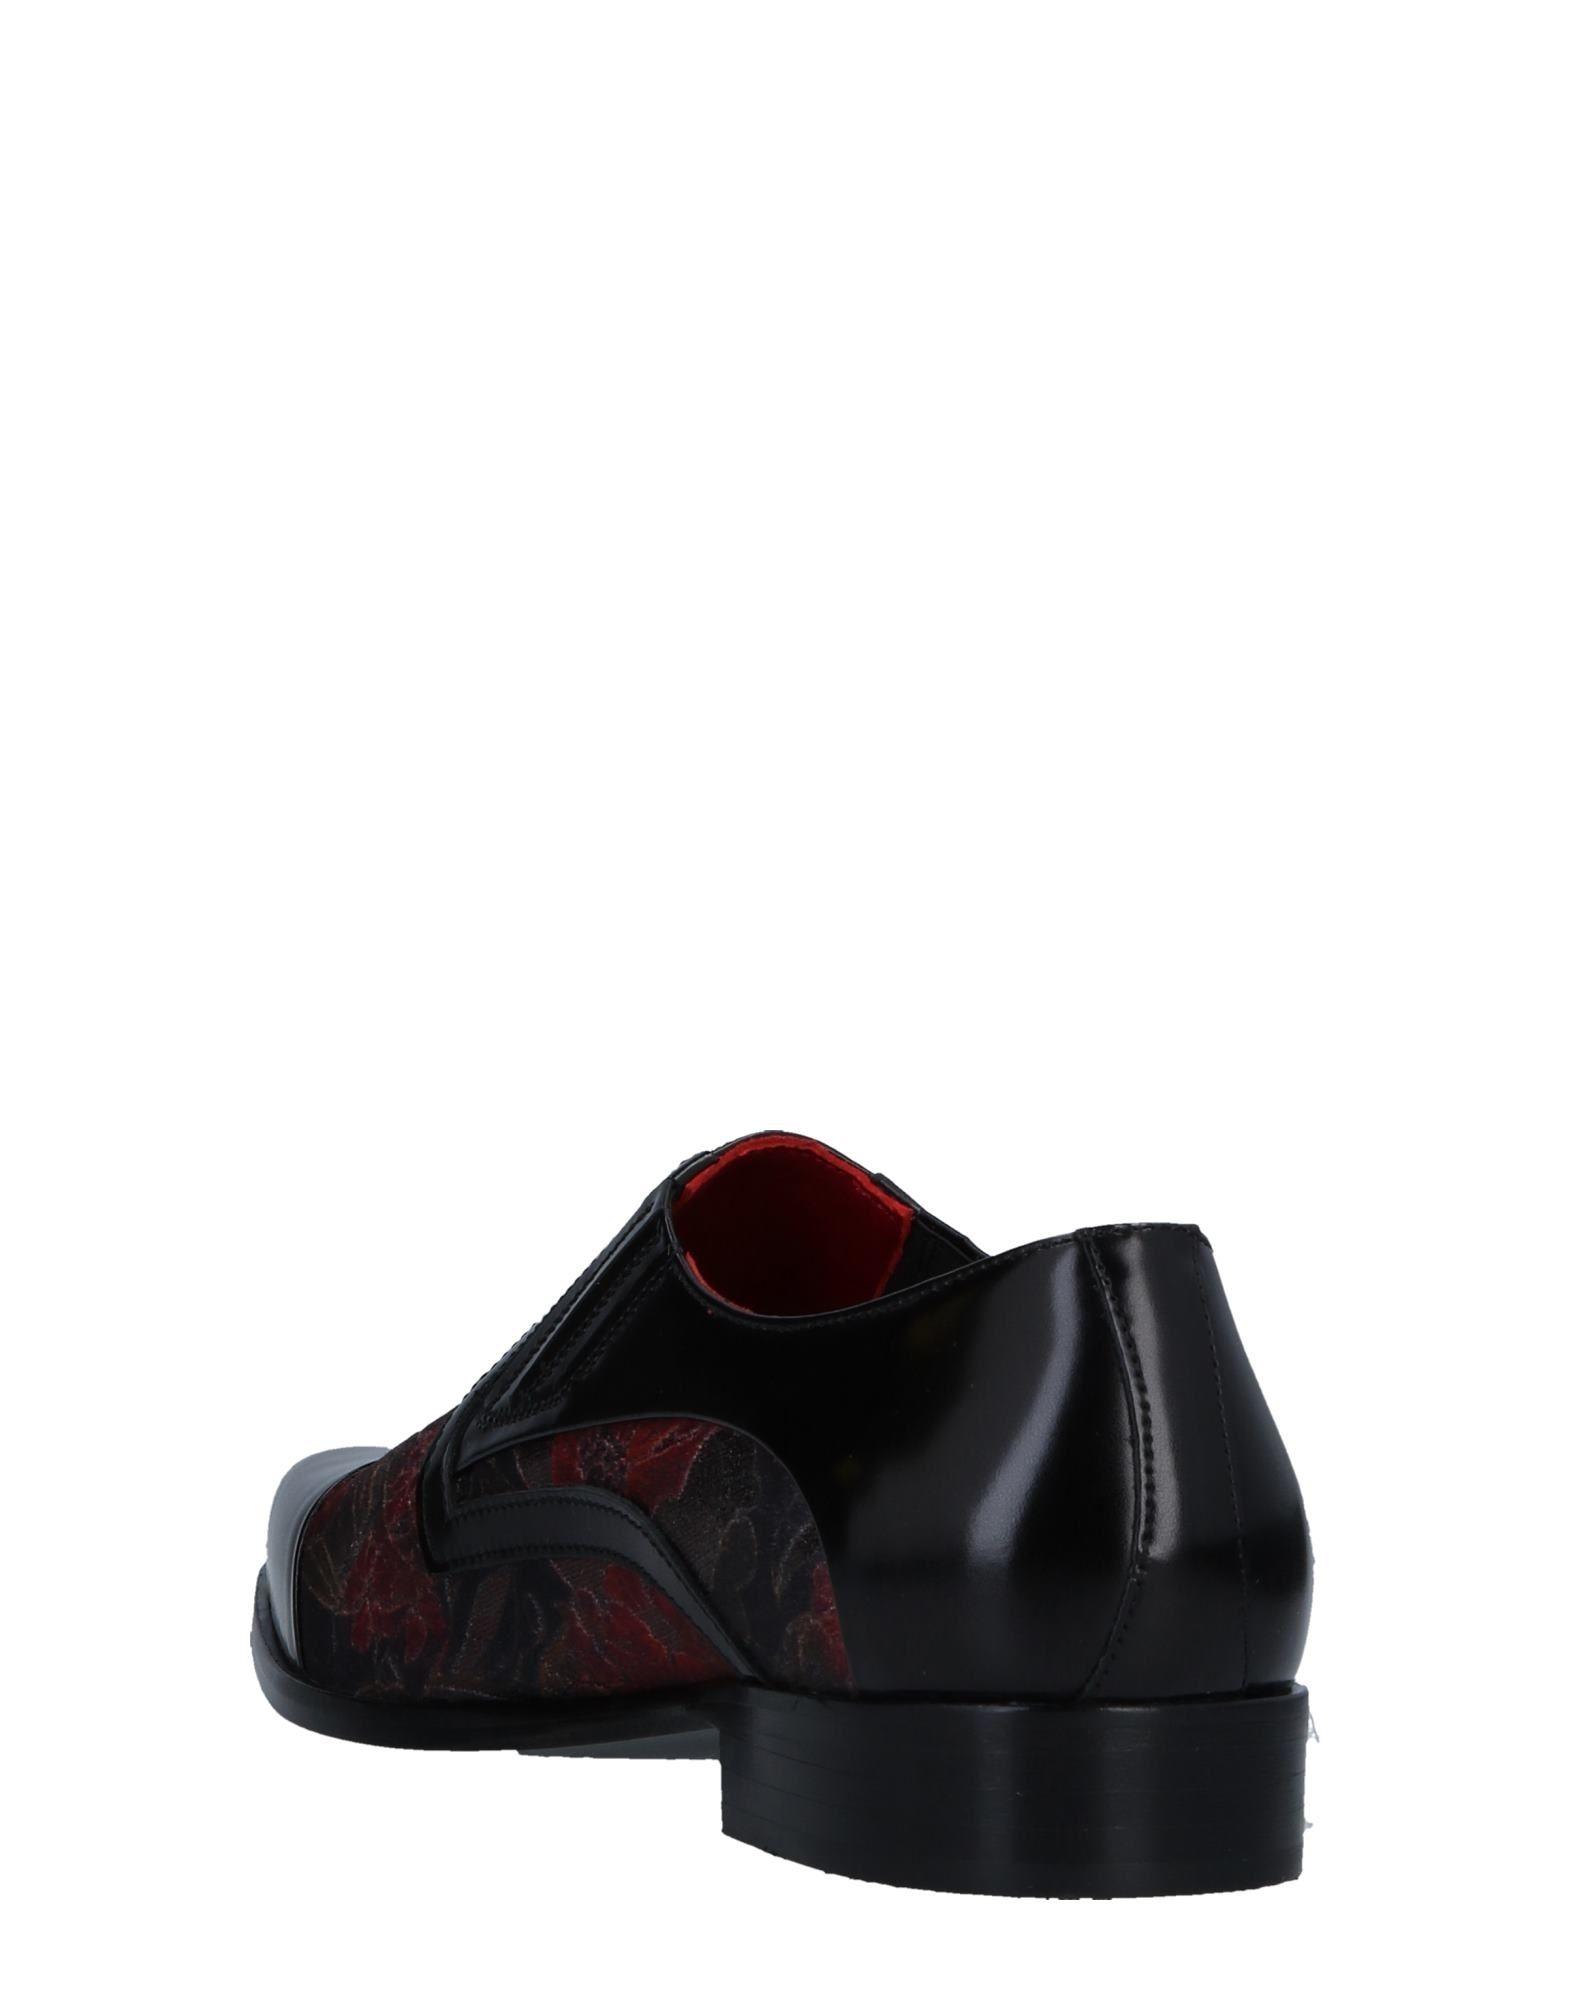 Giovanni Conti Mokassins Qualität Herren  11519437EL Gute Qualität Mokassins beliebte Schuhe b7ddd3